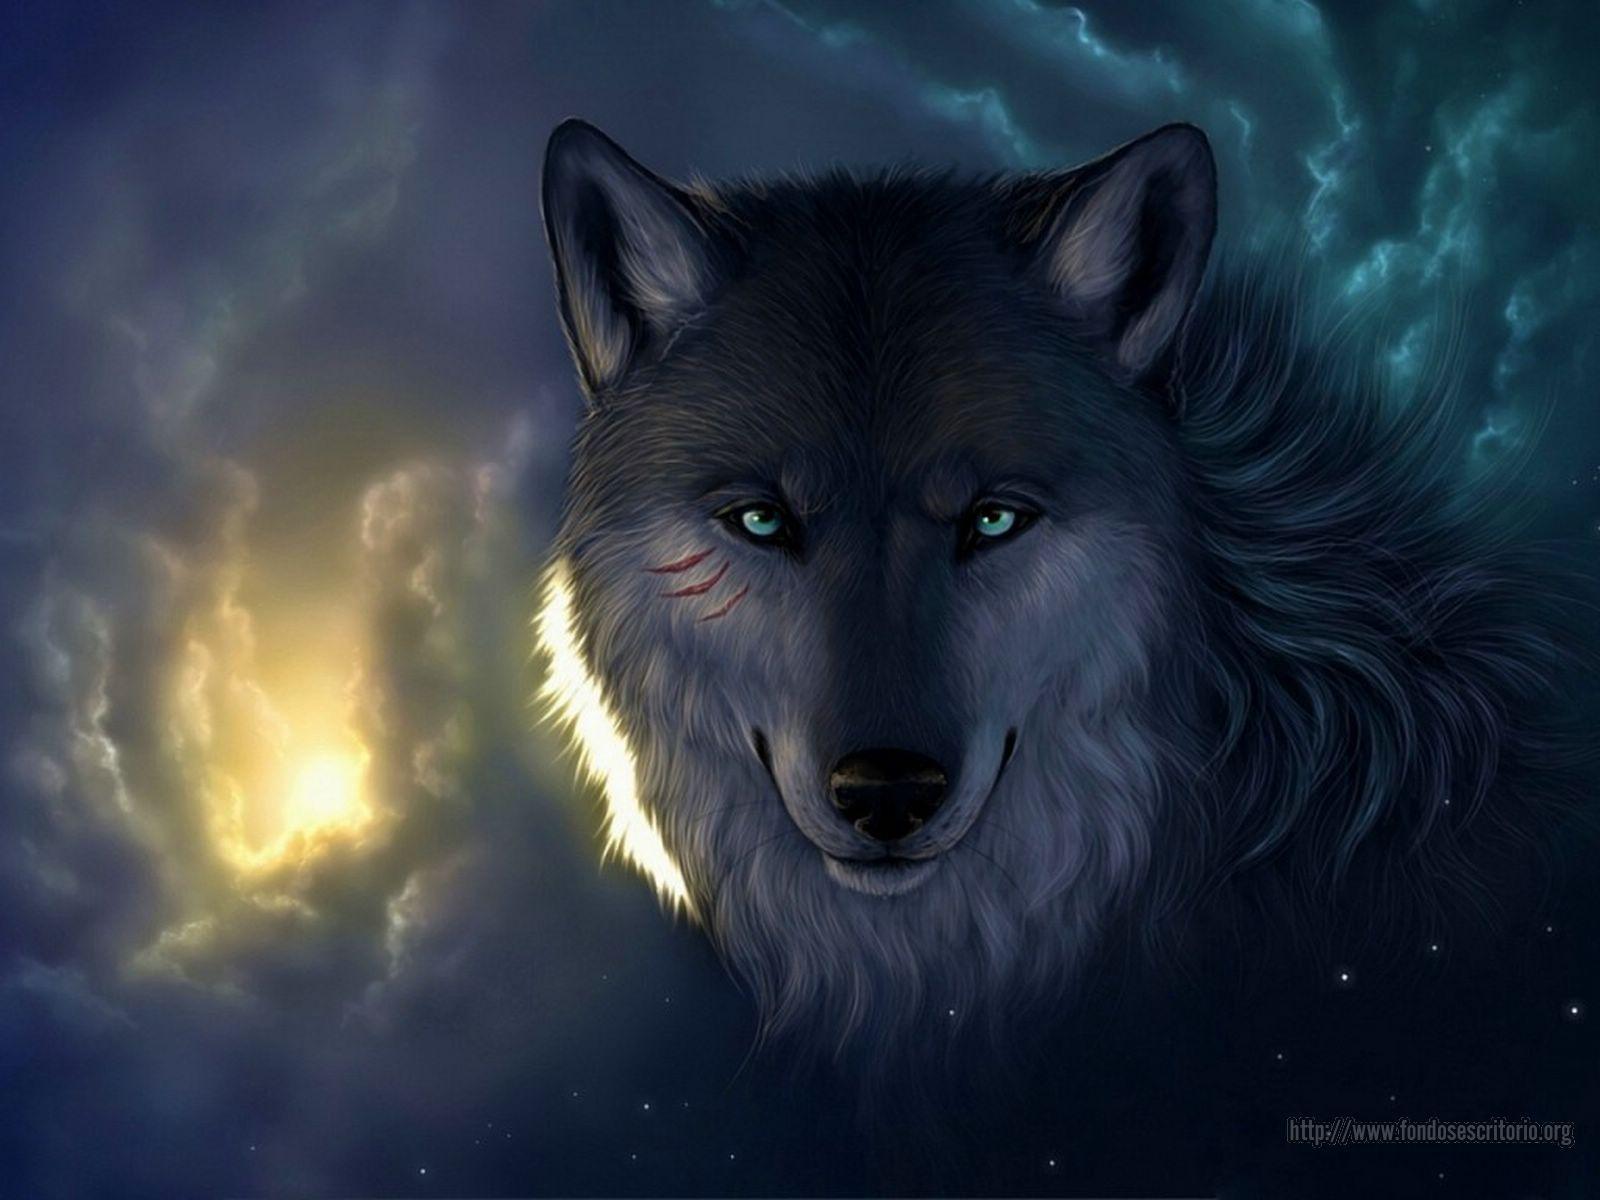 Viendo el lobo